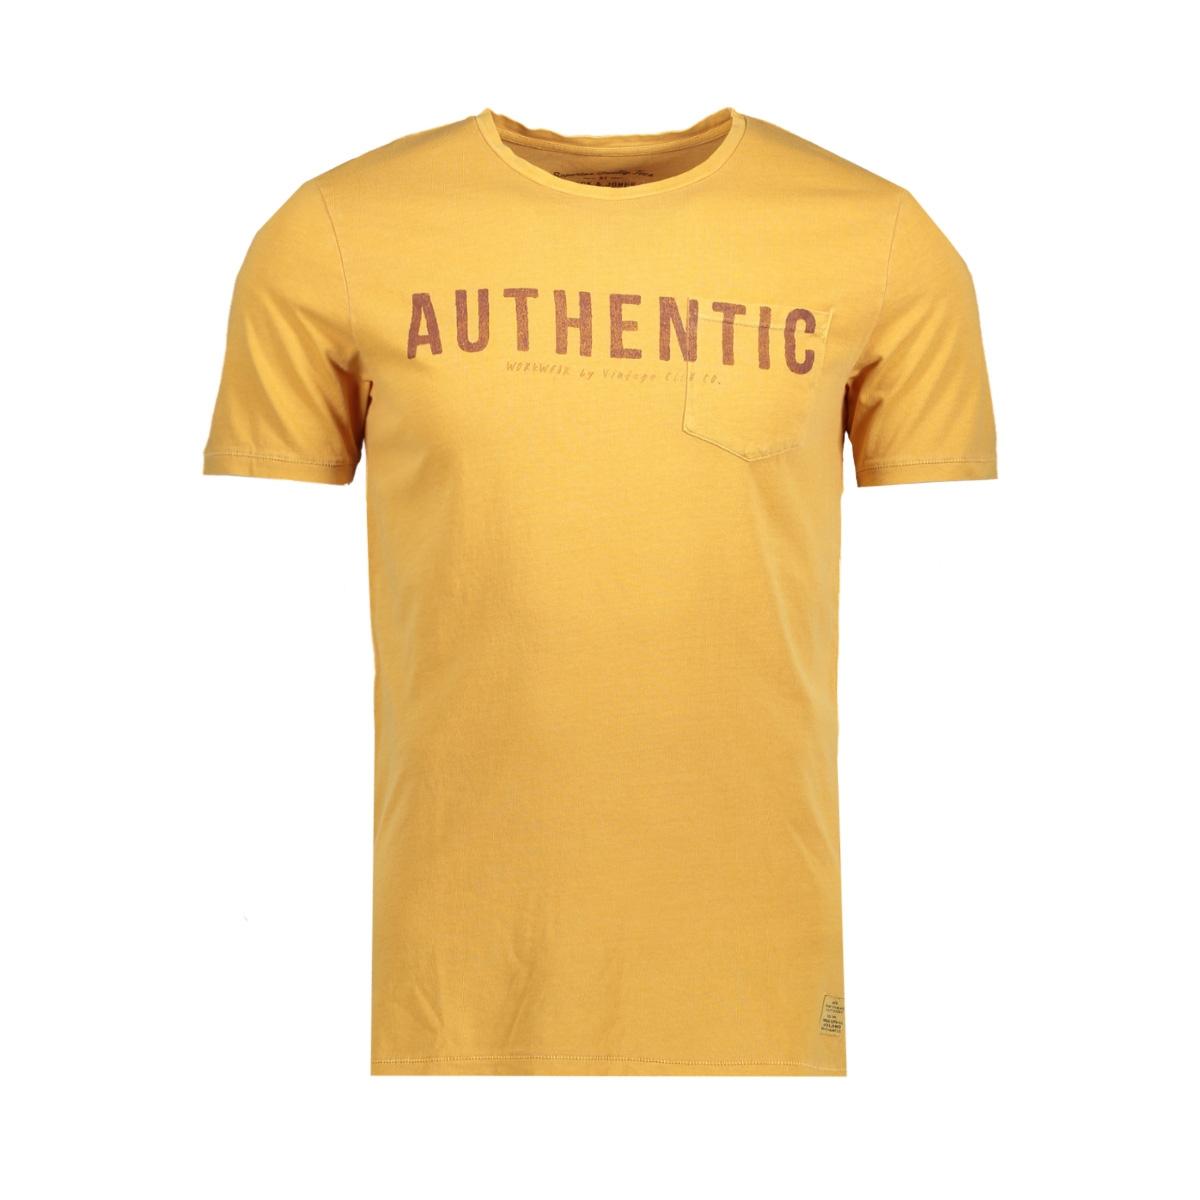 jjvfu louis ss tee 12129666 jack & jones t-shirt sunflower